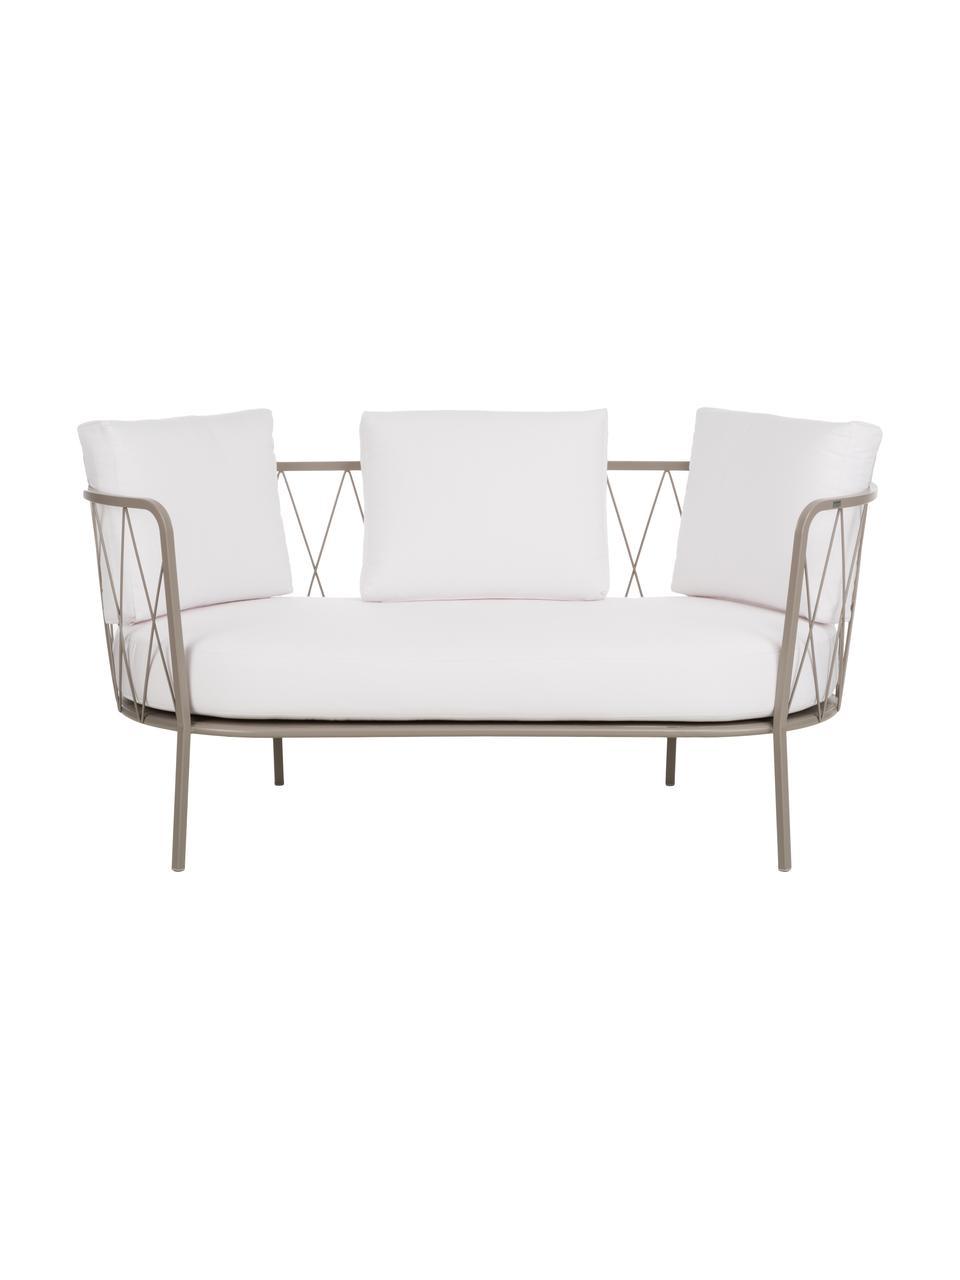 Gartensofa Sunderland mit Sitzpolster (2-Sitzer), Gestell: Stahl, galvanisch verzink, Bezug: Polyacryl, Gestell: Taupe Sitz- und Rückenkissen: Creme, 162 x 73 cm